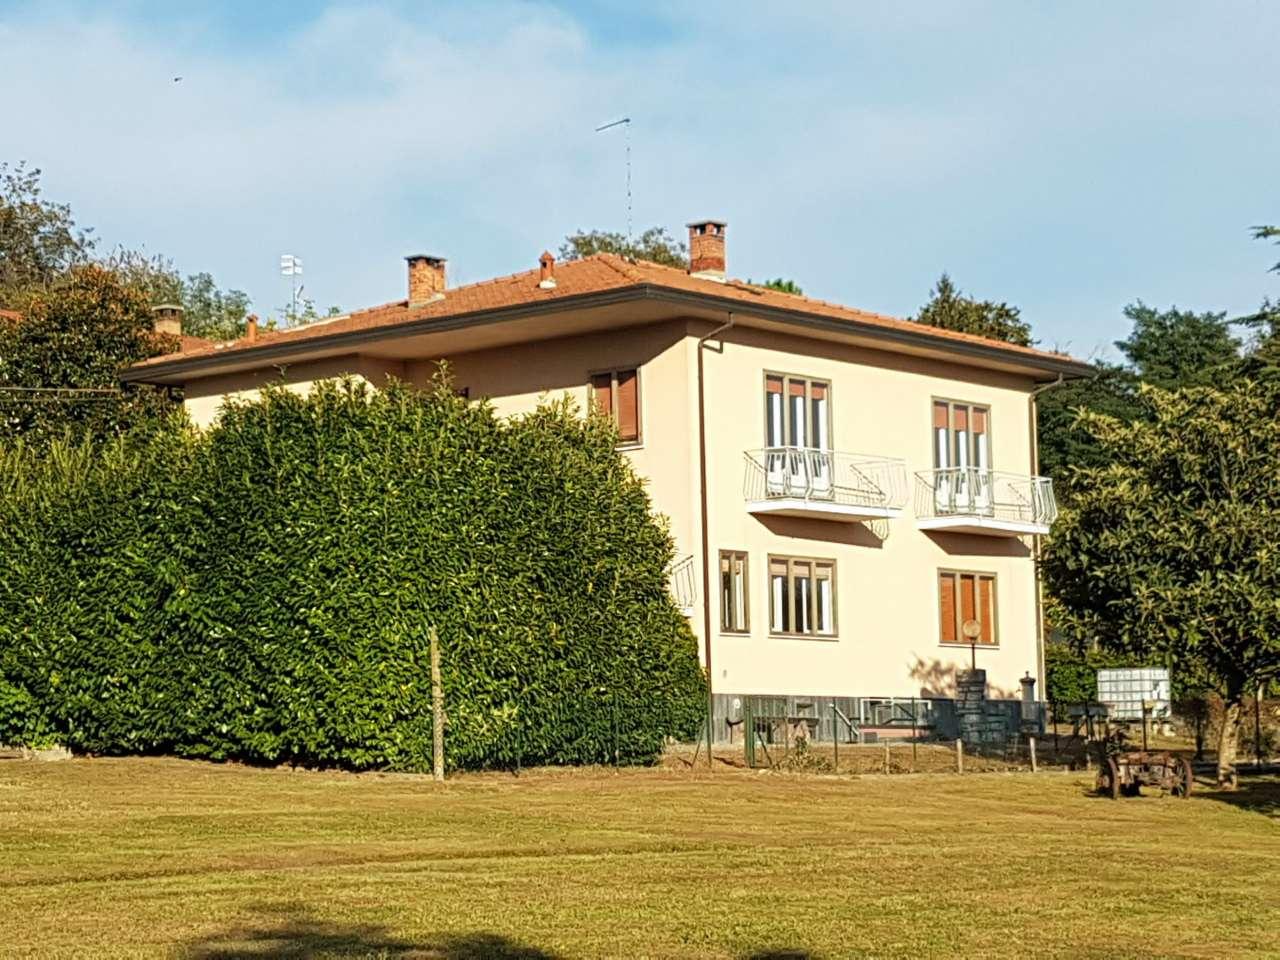 Villa Bifamiliare in Vendita a Barasso